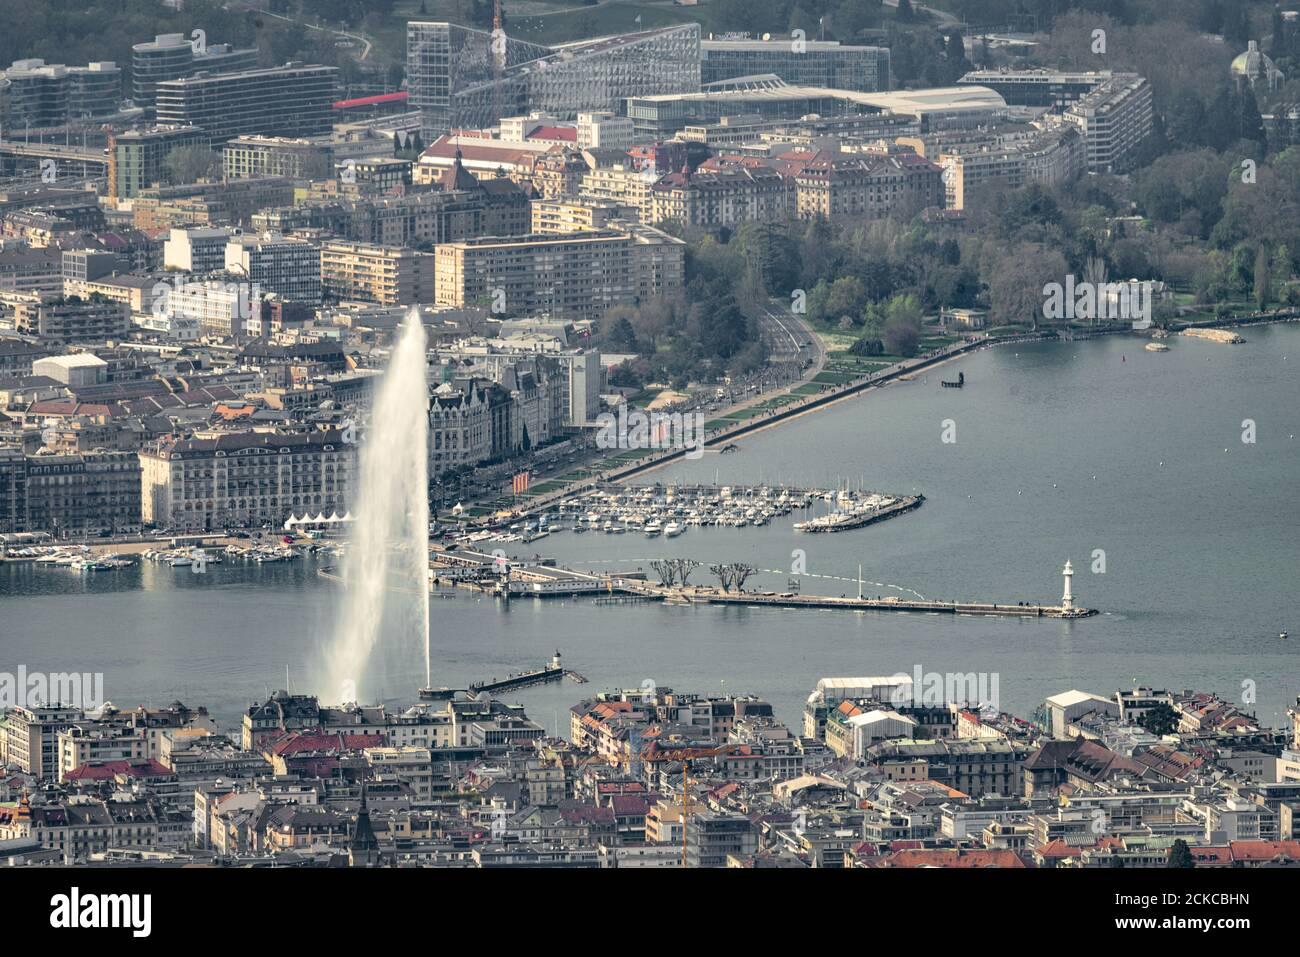 Luftaufnahme von Genf (Schweiz) mit seiner berühmten Wasserquelle, Stadtzentrum, Docks und ngos mit einem extrem Teleobjektiv (600mm) aufgenommen Stockfoto